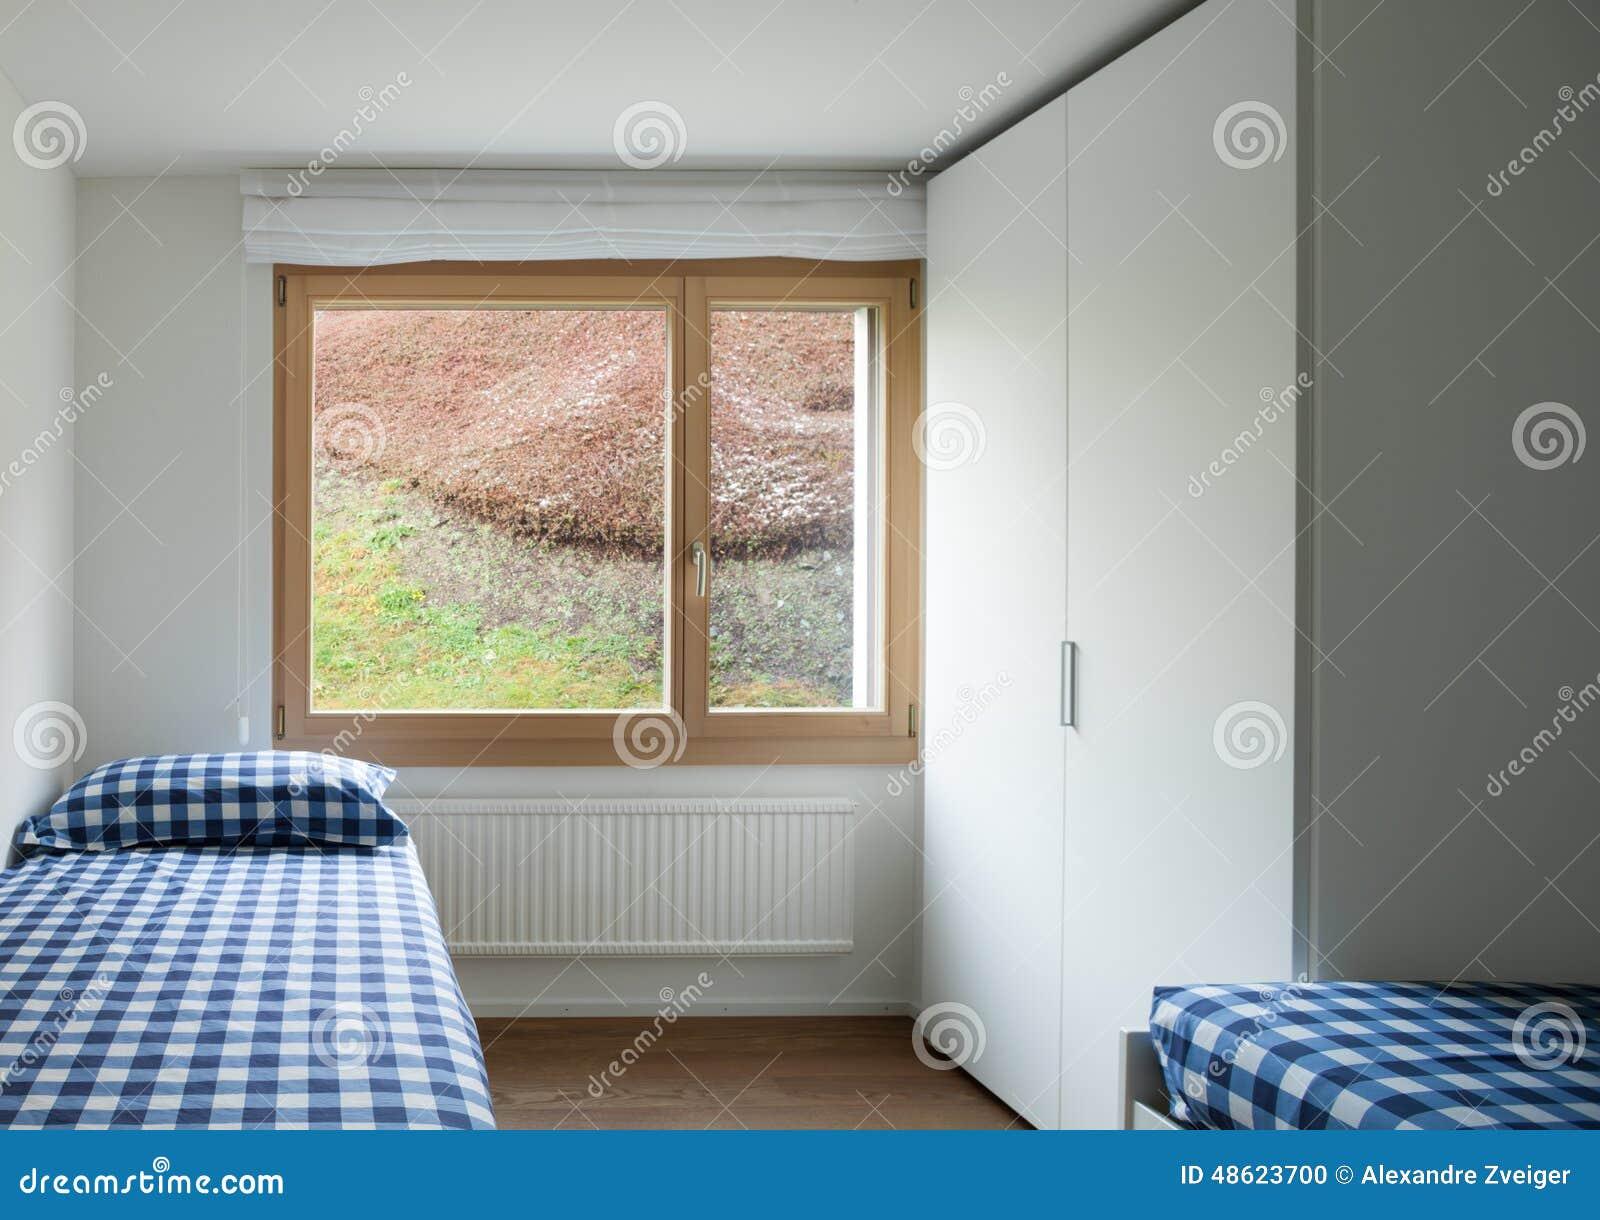 建筑学,现代公寓,空的卧室有两张单人床的和壁橱.图片